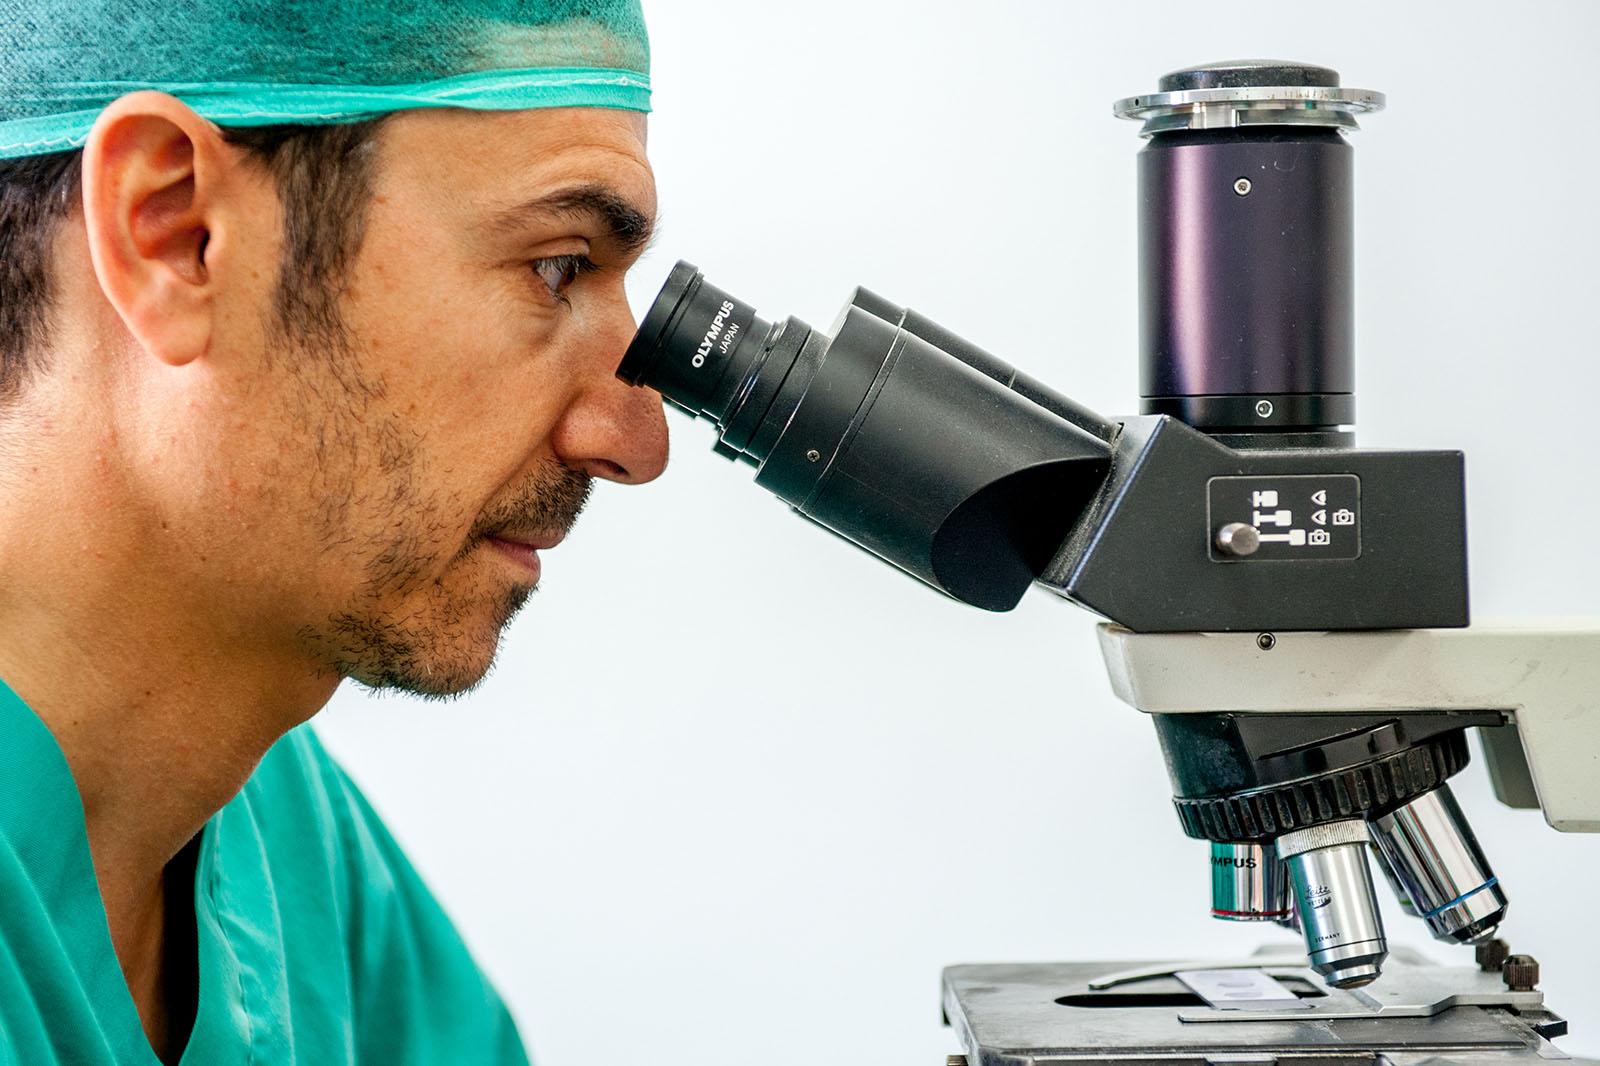 Dermatología-Clínica-Rotger-Hospital-Mallorca-Cirugía-Mohs